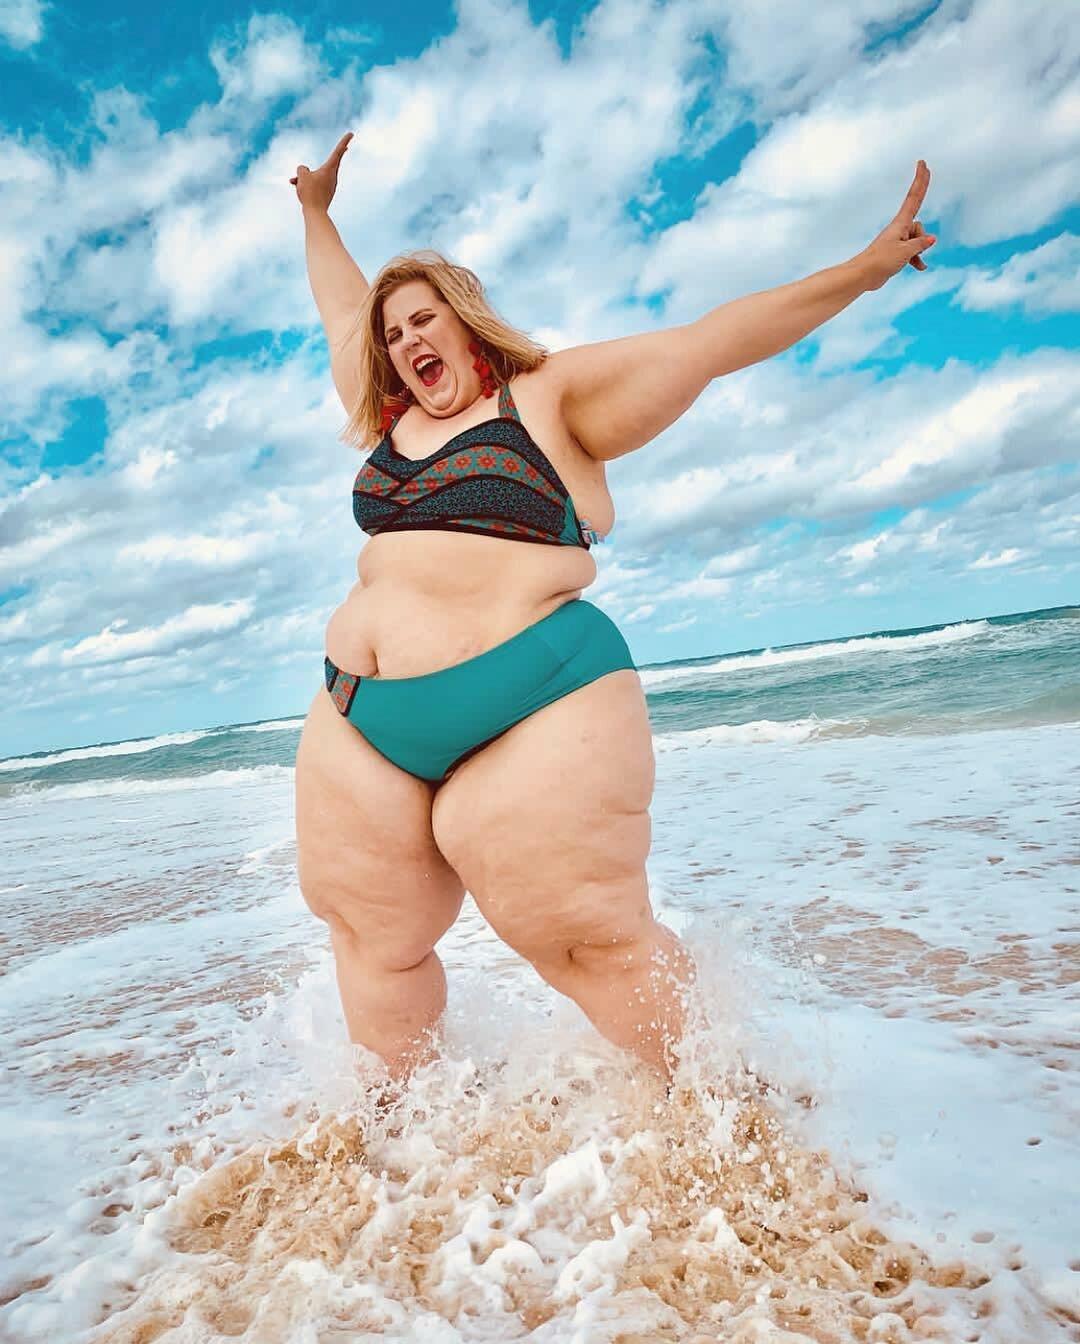 lyf0tiKge9g - Модная модель Gillette Venus: бодипозитив или пропаганда ожирения